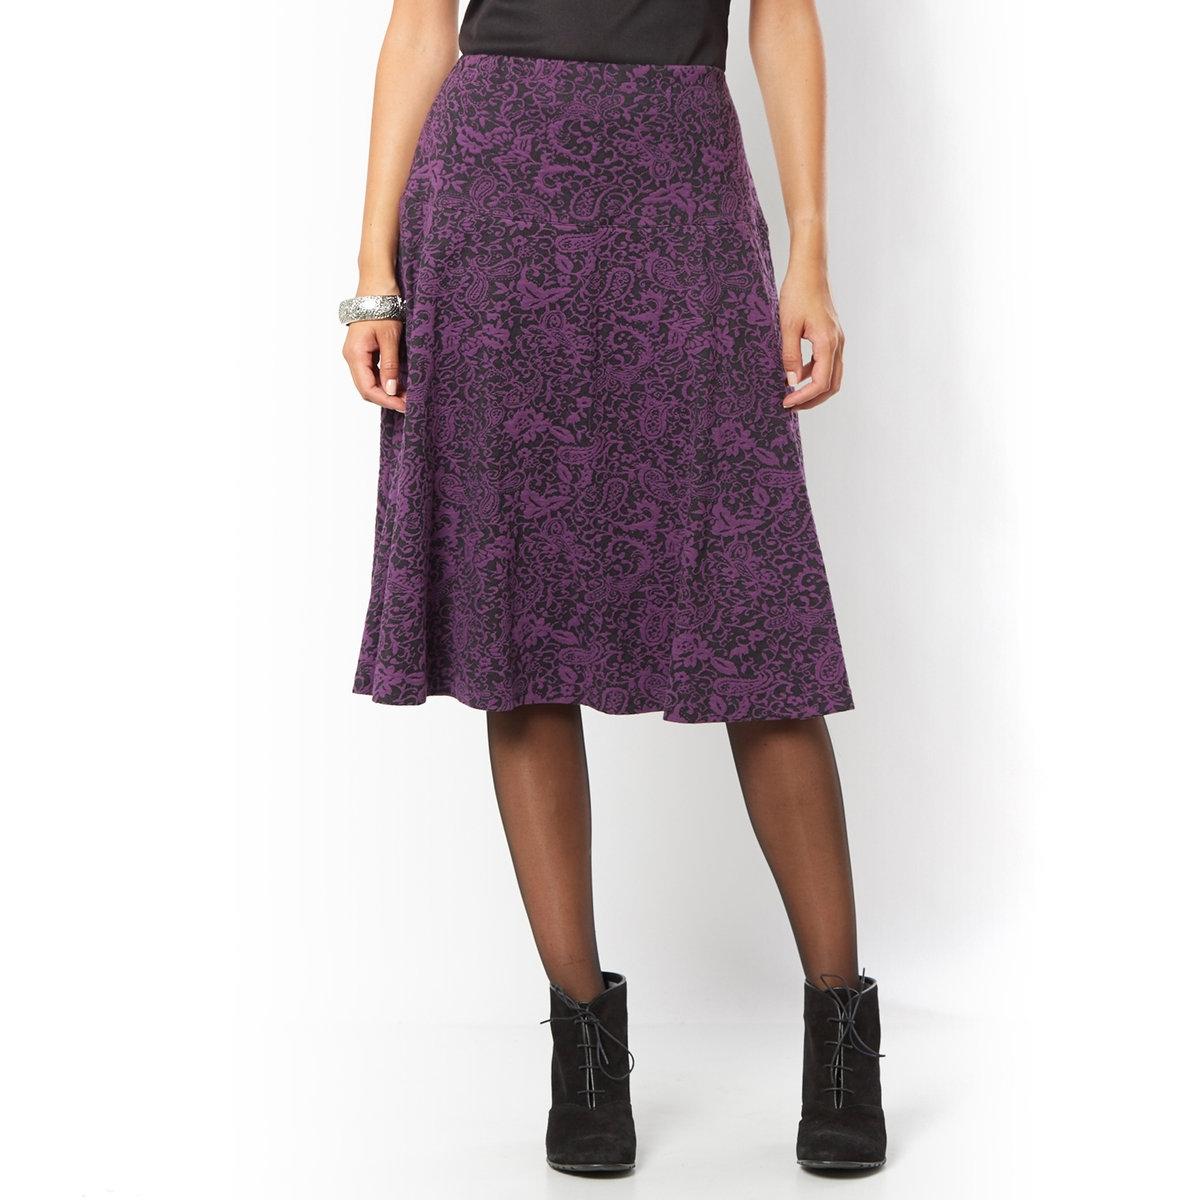 Юбка жаккардоваяЖаккардовая юбка. Широкая вставка на поясе, удобный эластичный ремень. Широкий покрой со складками. Подкладка из полиэстера. Длина ок. 60 см. Трикотаж: 54% полиэстера, 44% хлопка, 2% эластана.<br><br>Цвет: фиолетовый<br>Размер: 42 (FR) - 48 (RUS)